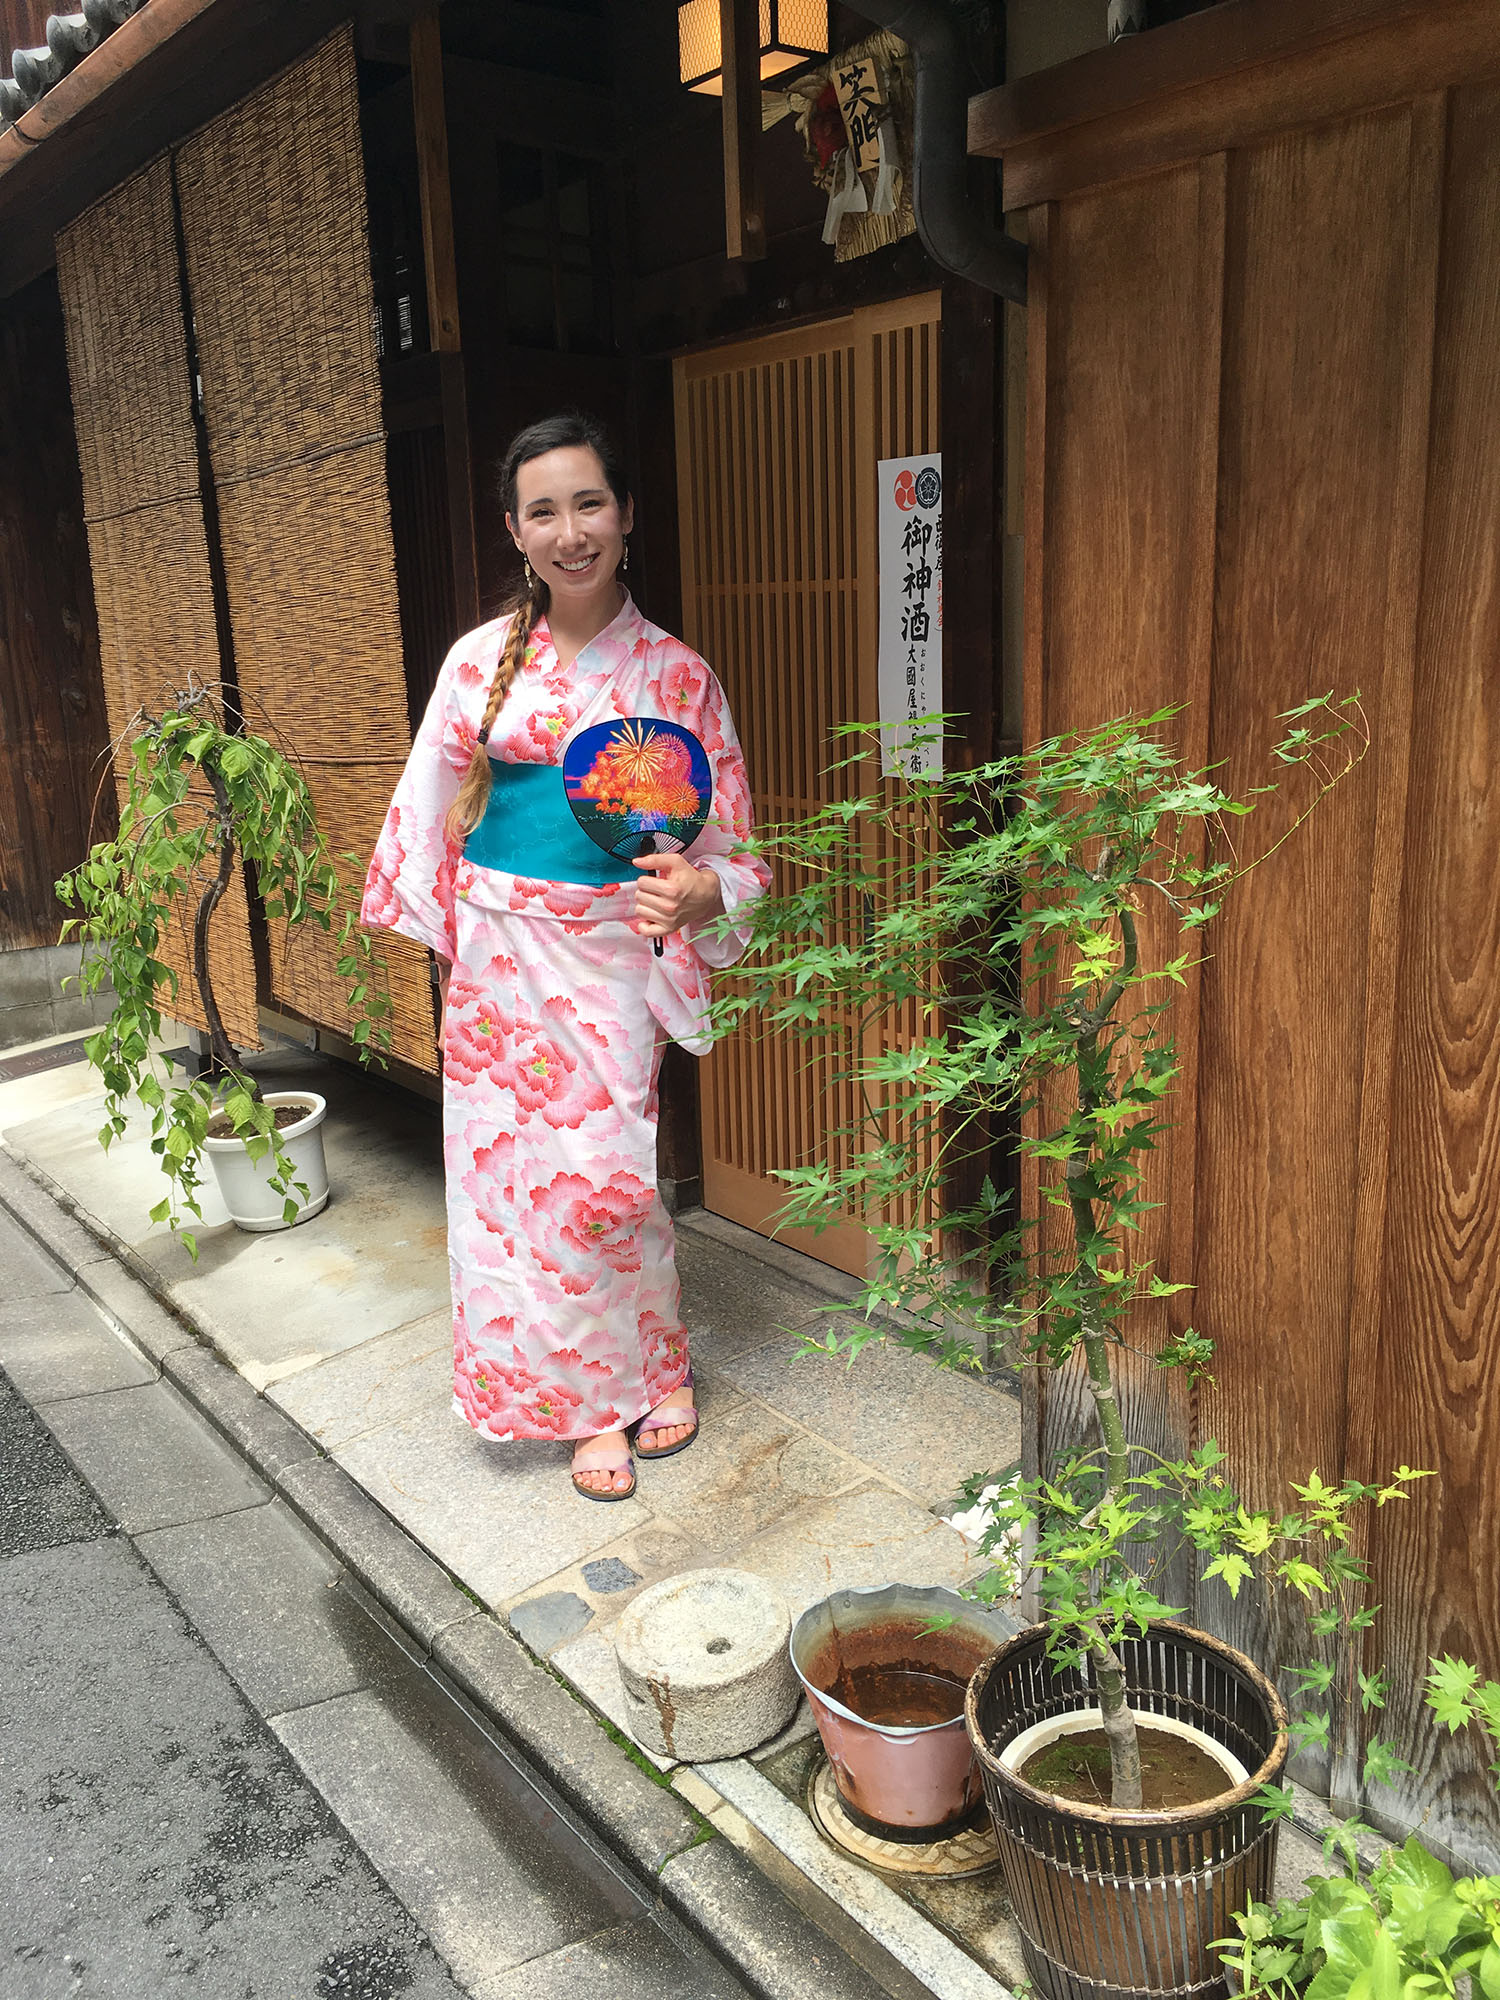 Rose wearing yukata